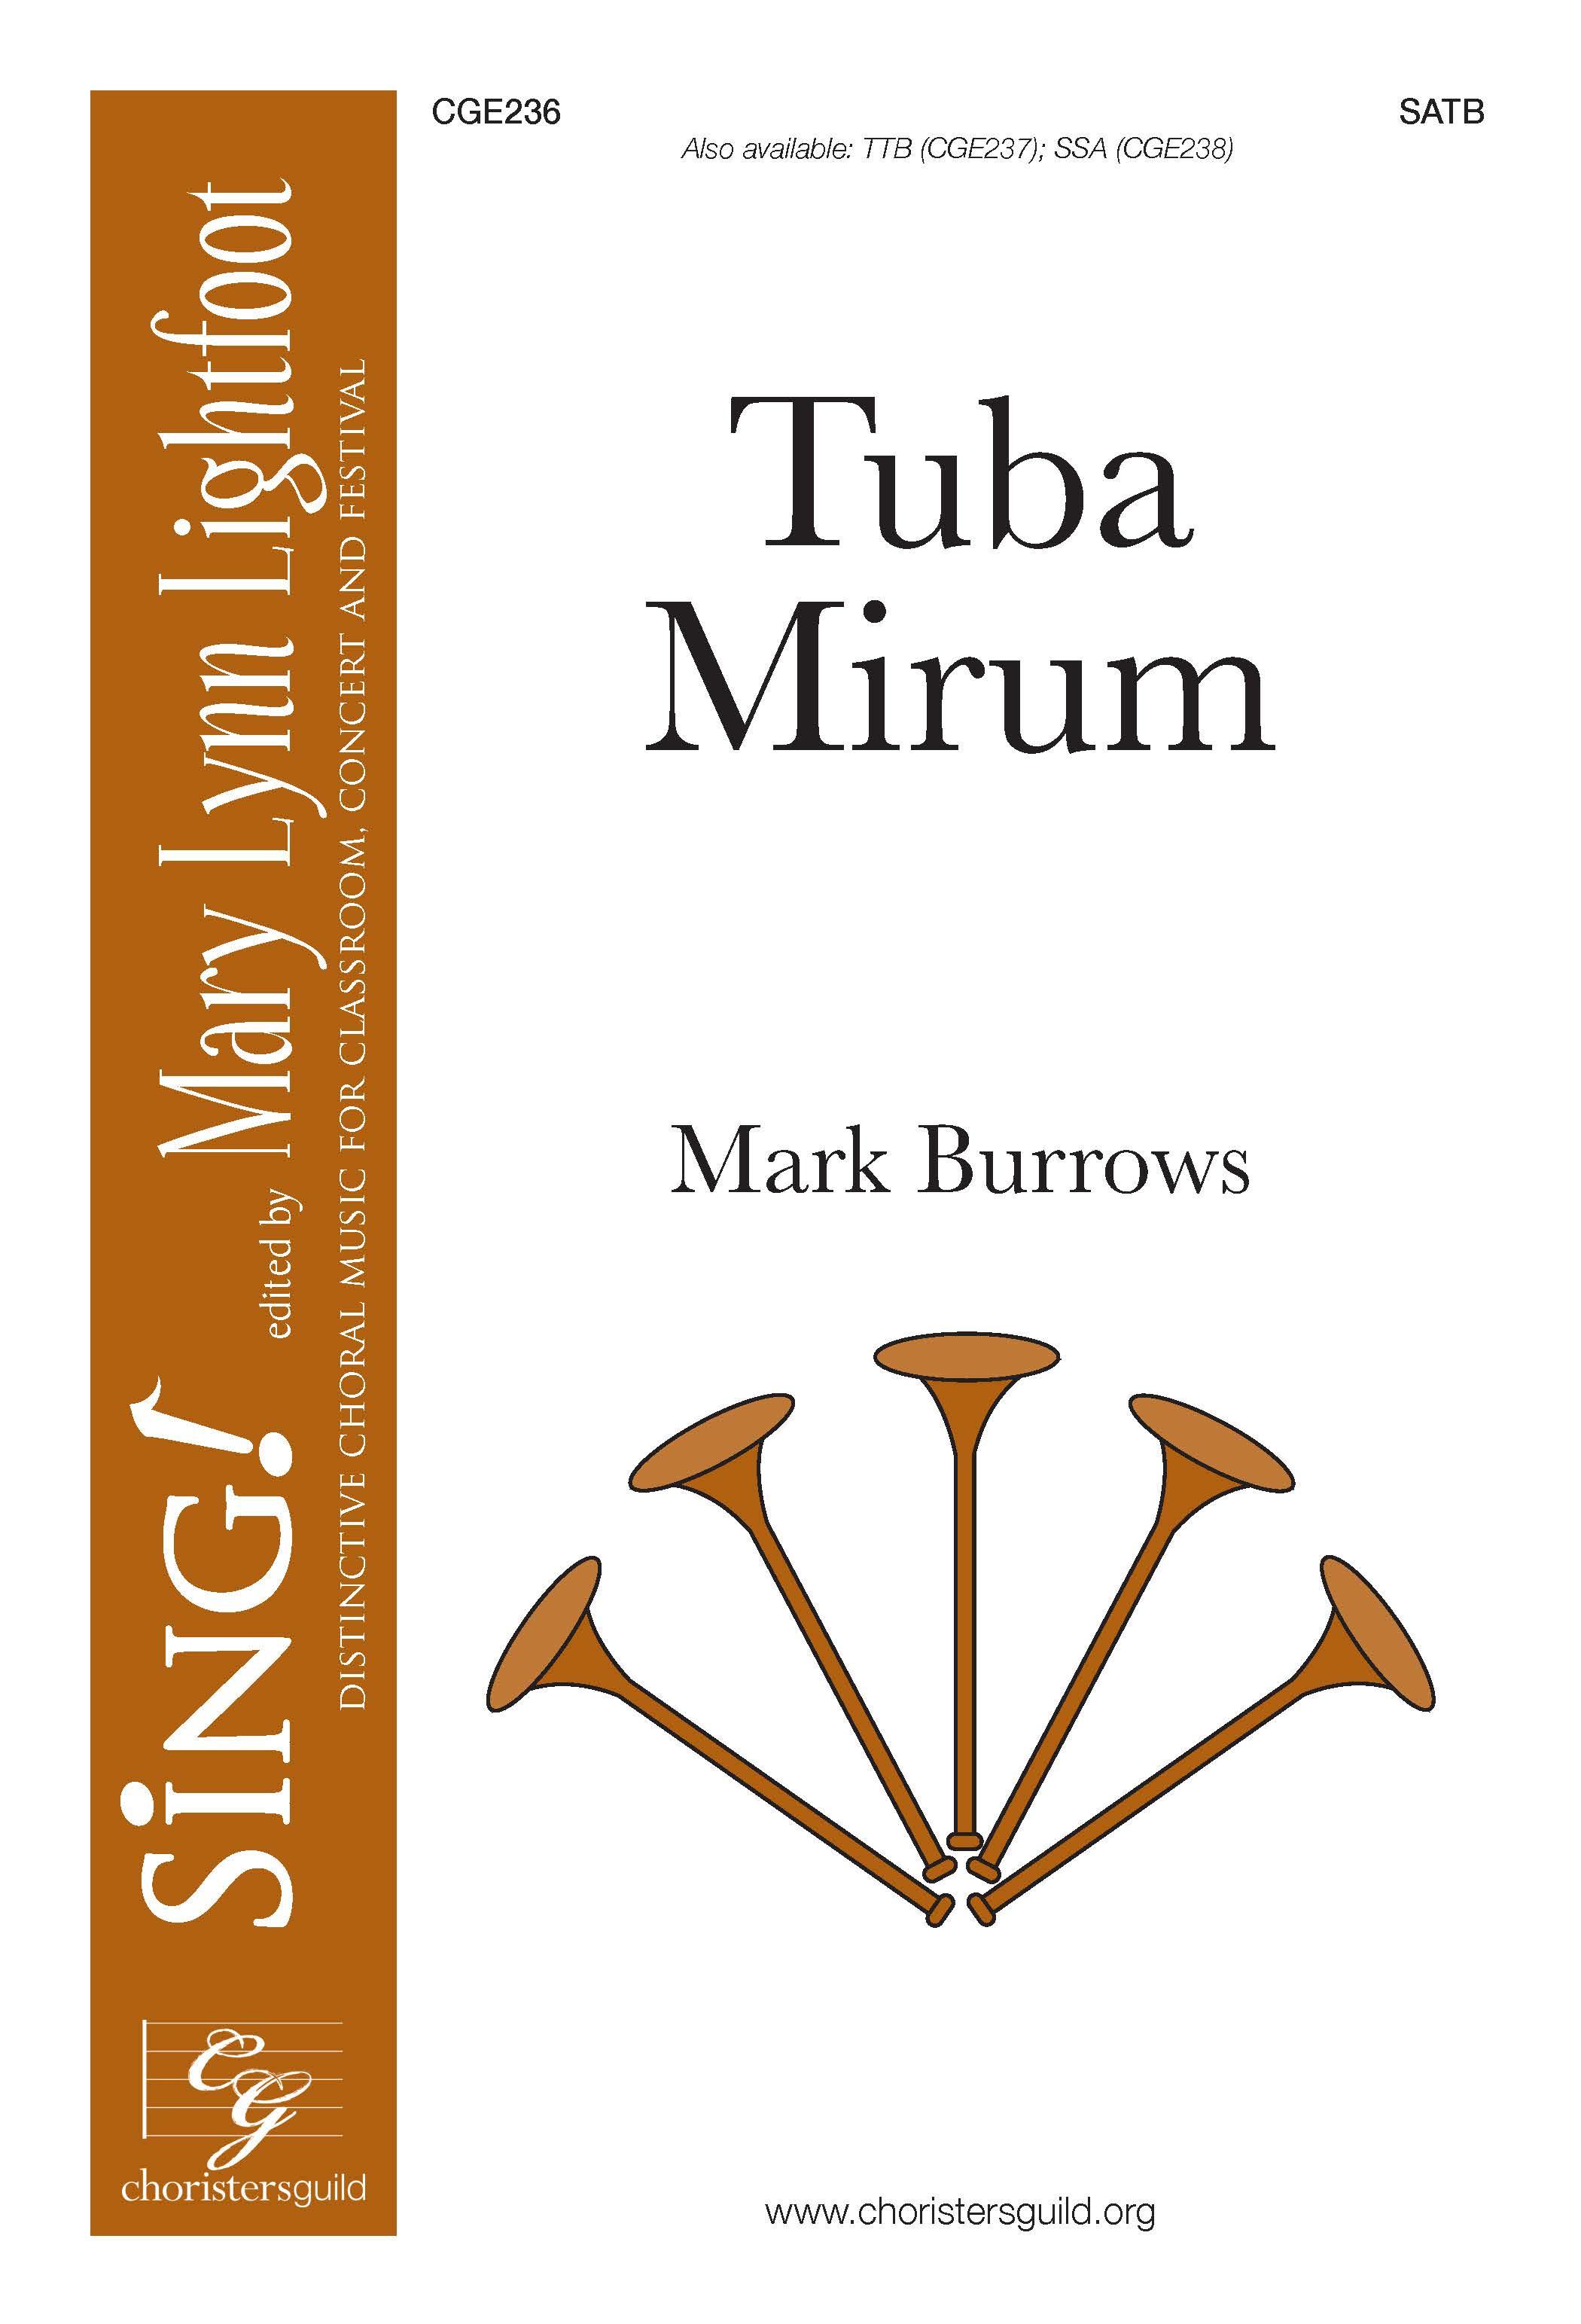 Tuba Mirum SATB